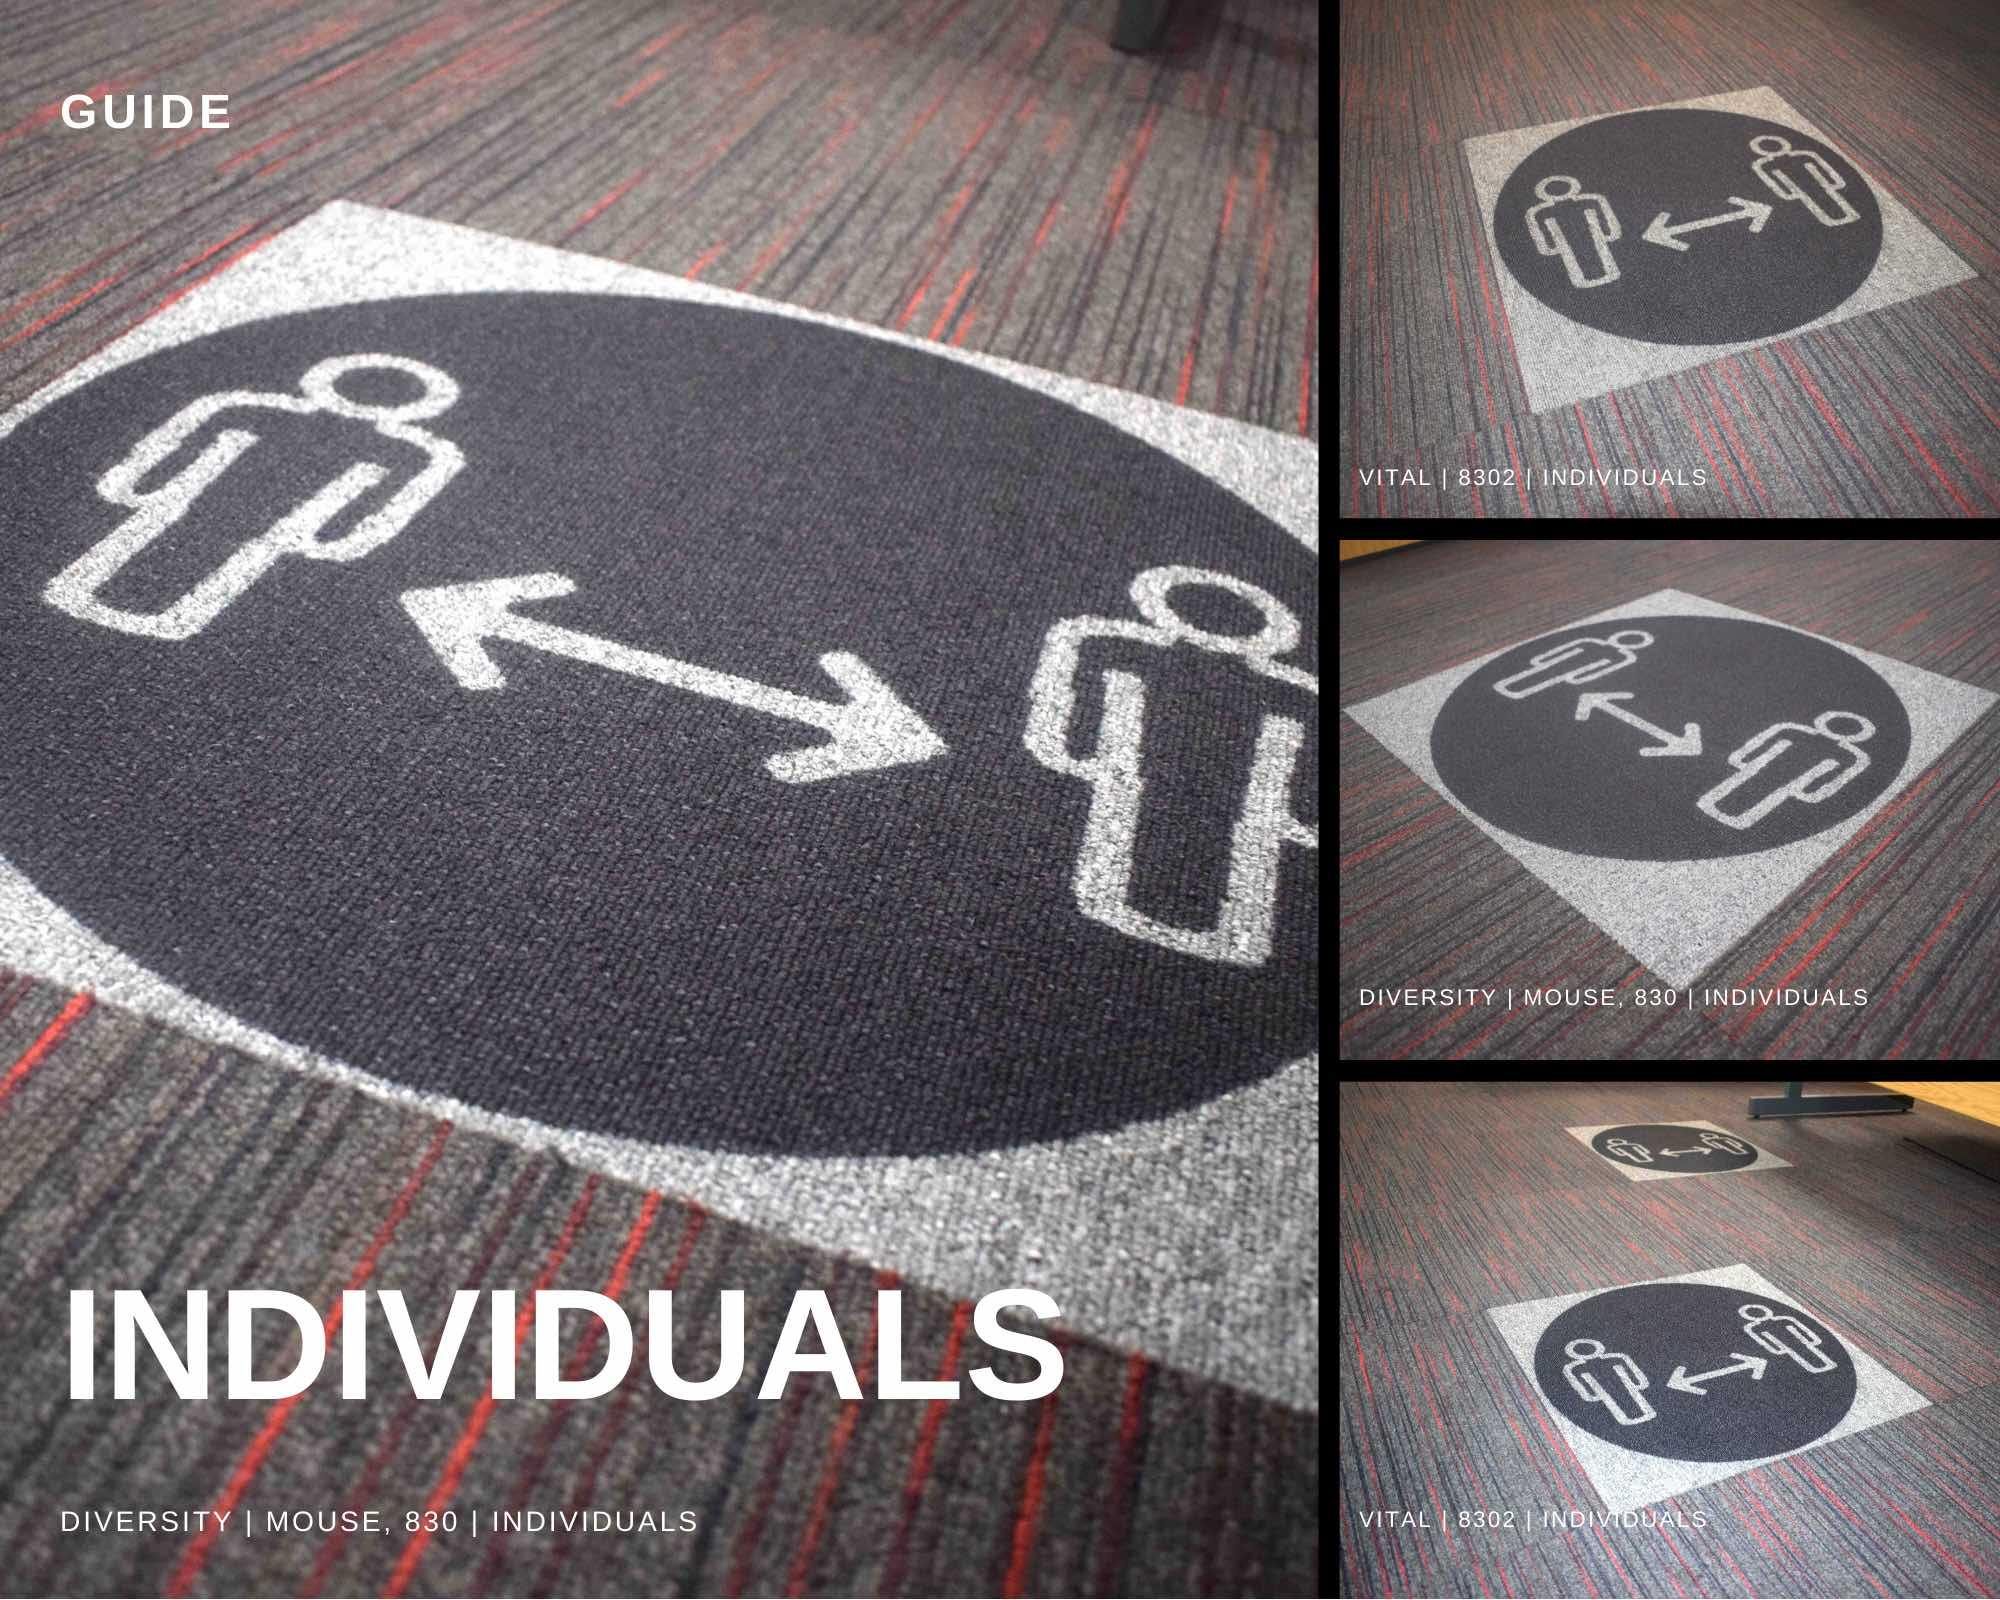 Paragon Carpet Tiles | Social Distancing | Commercial Carpet Tiles | Guide